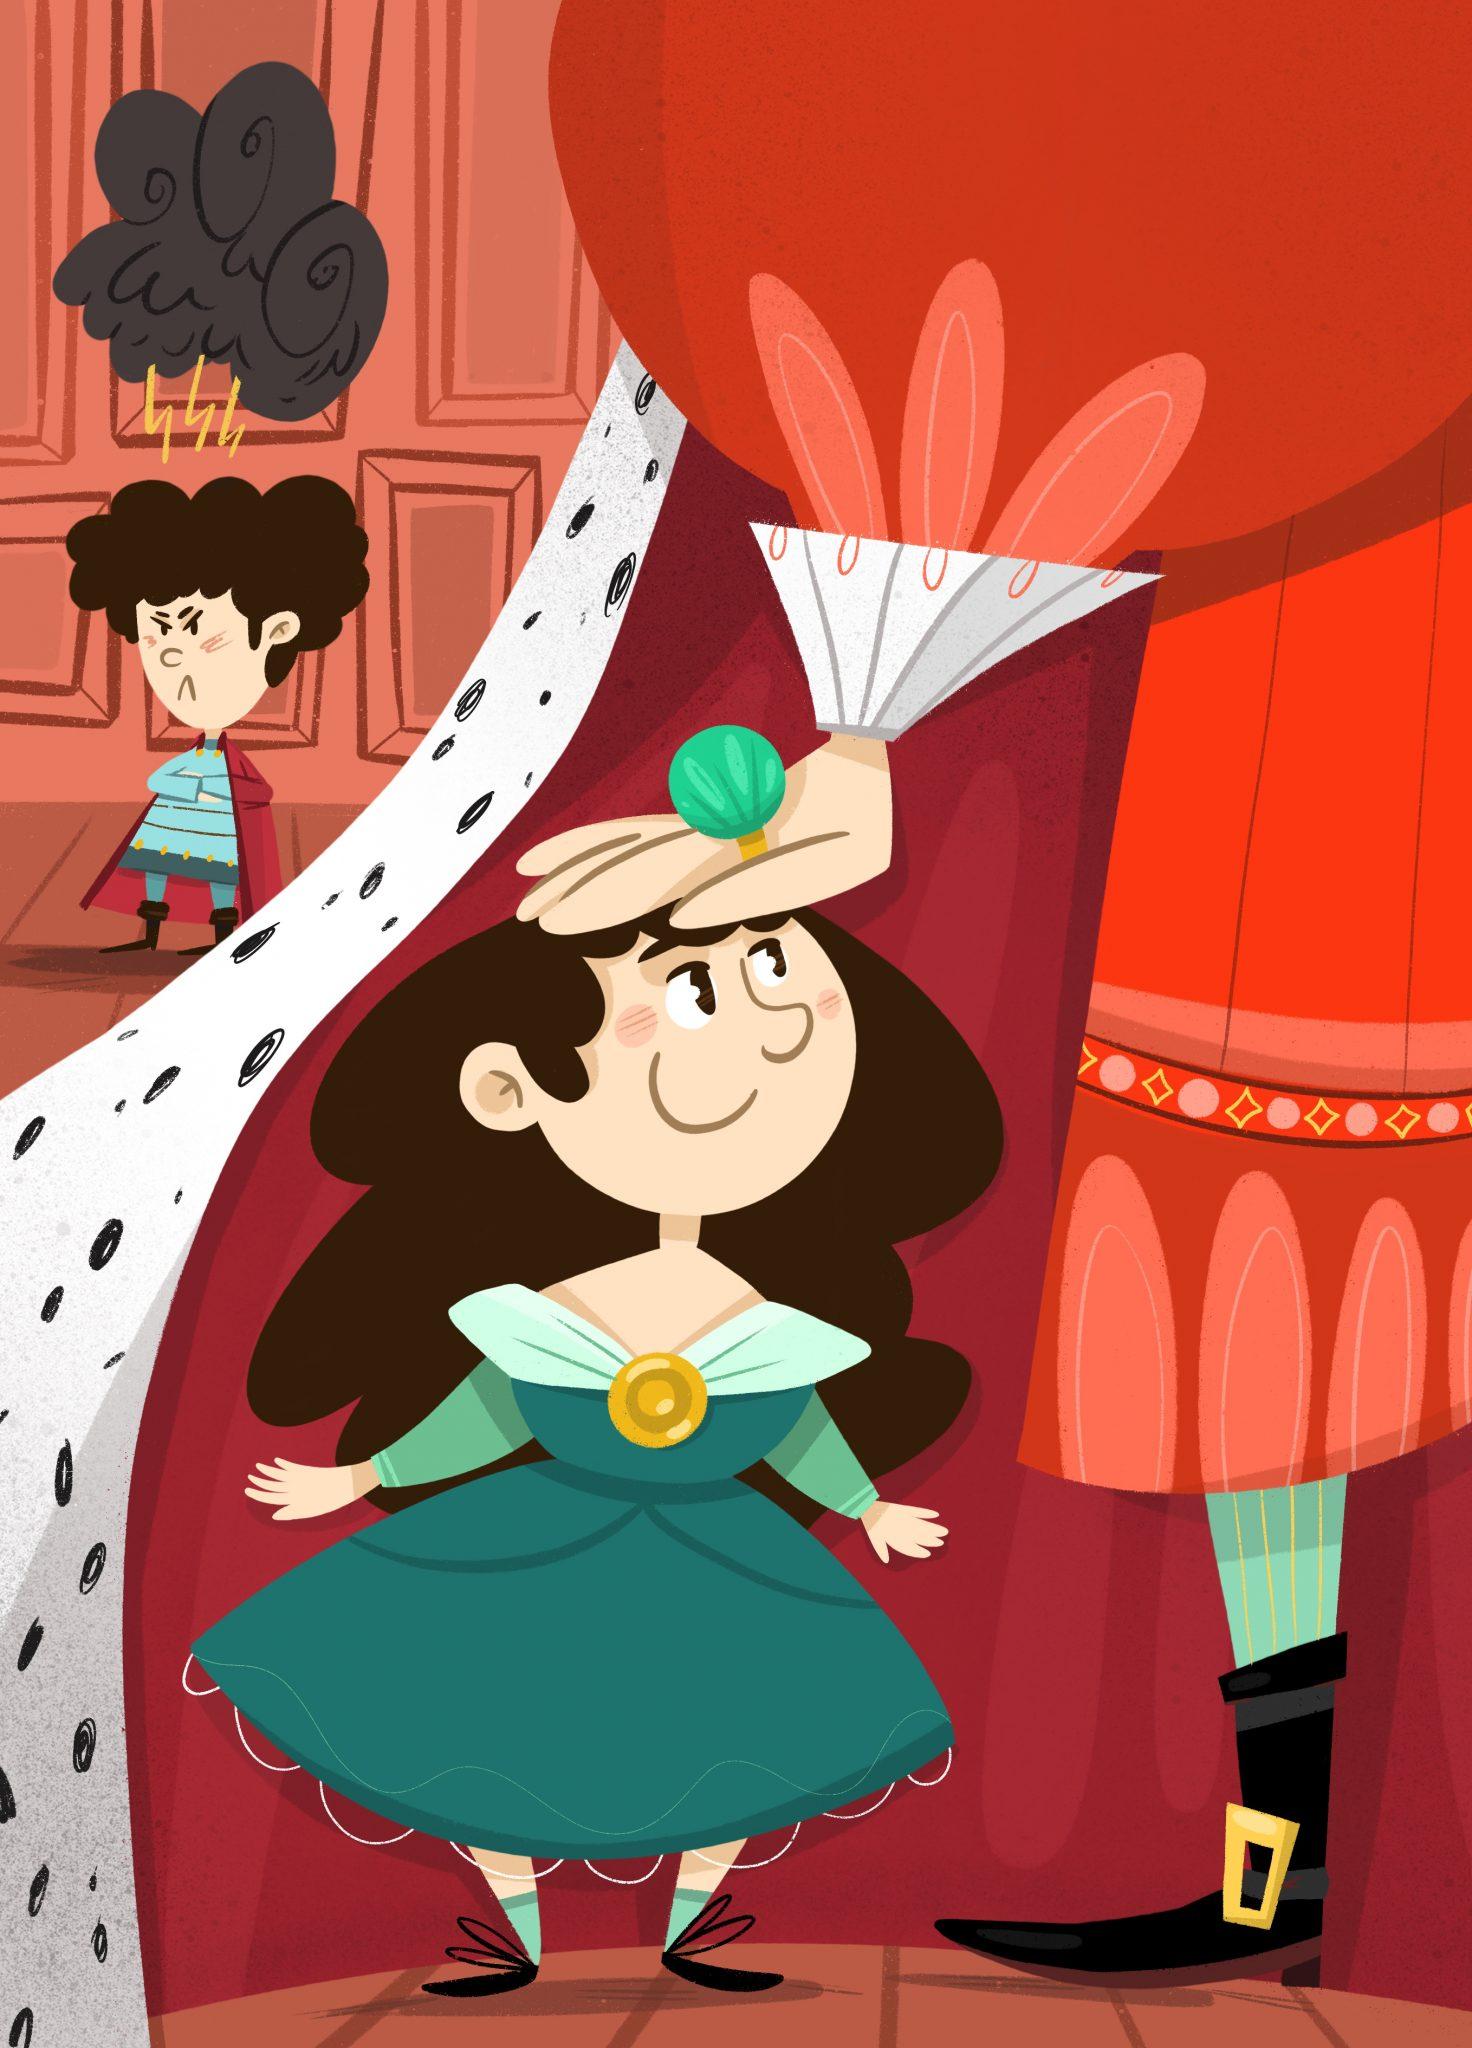 La princesa Esmerilda